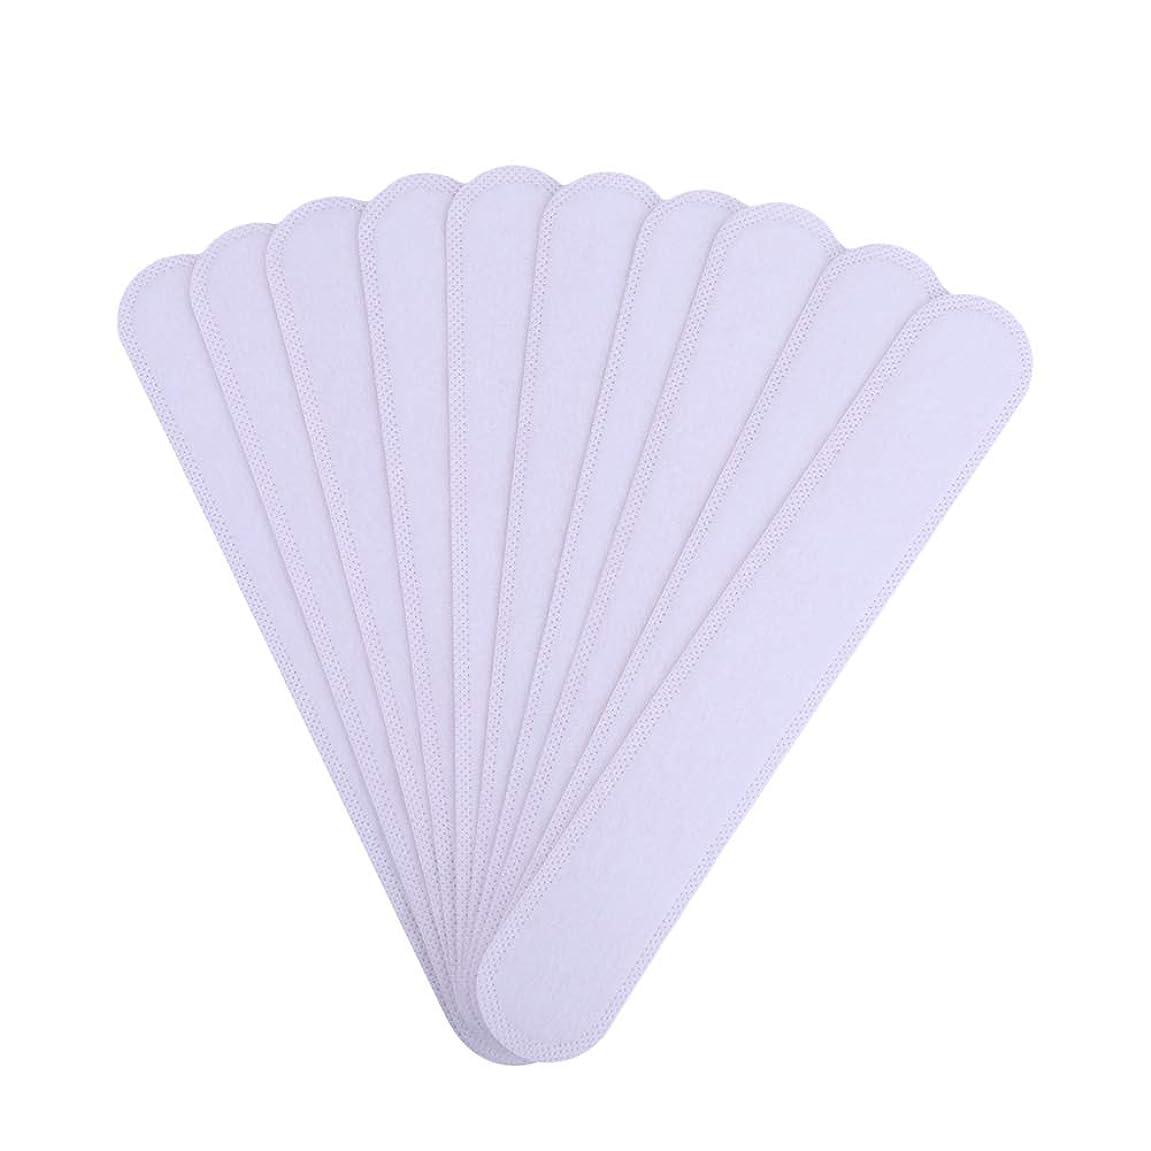 スリップ寄稿者冬AMAA バッド 10枚入 使い捨てタイプ Yシャツ 帽子 汗染み 汗跡 予防 カラーネックライナーパッド (10枚)